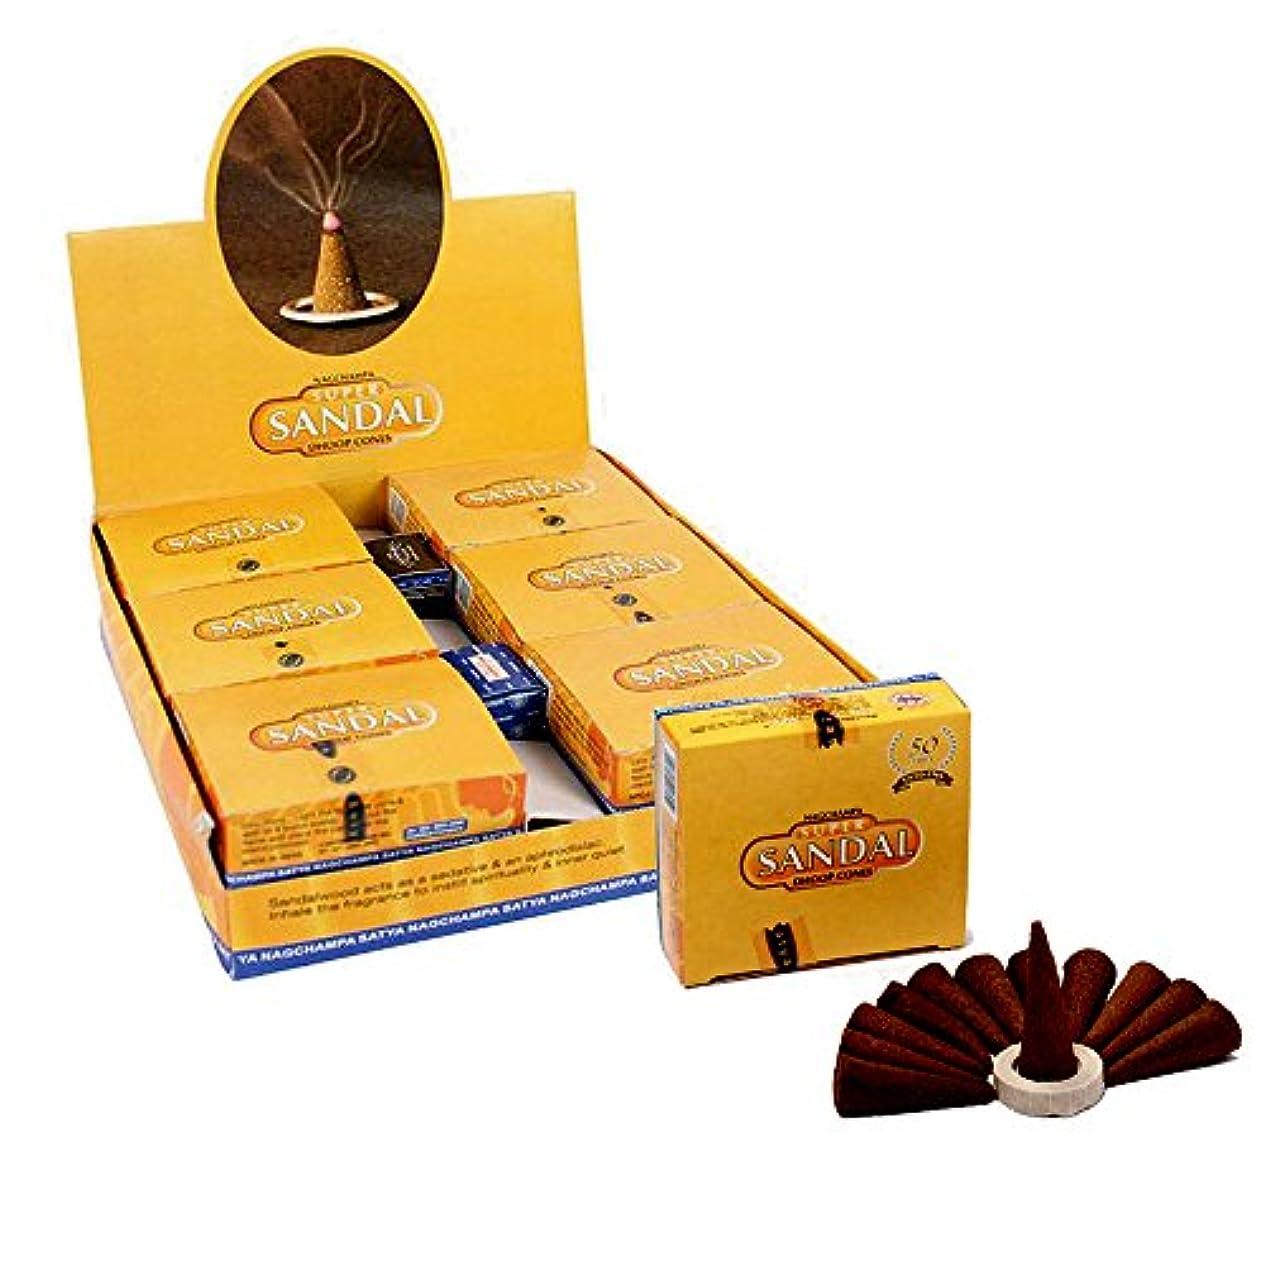 引退したドック矩形SatyaサンダルTemple Incense Cones、12 Cones in aパック、12パックin aボックス